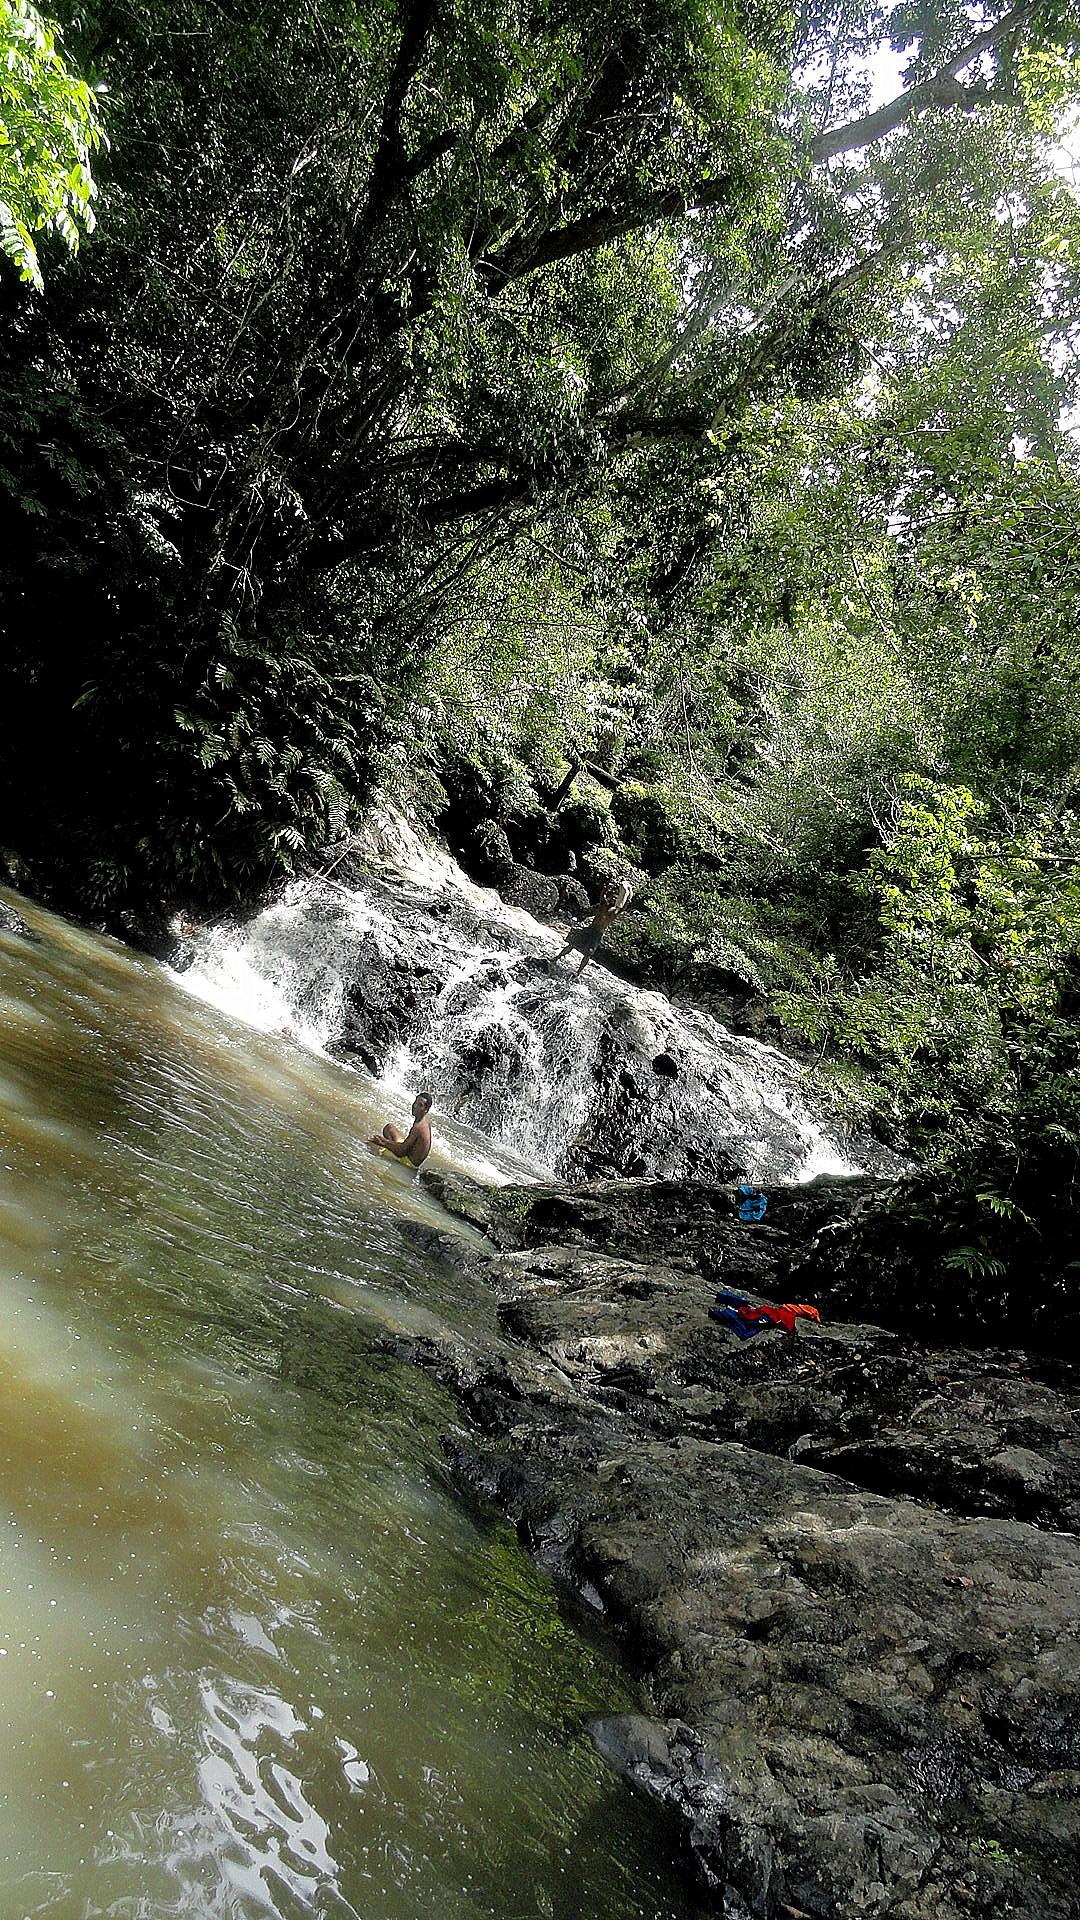 Mt Diamond Hike - Upper Falls